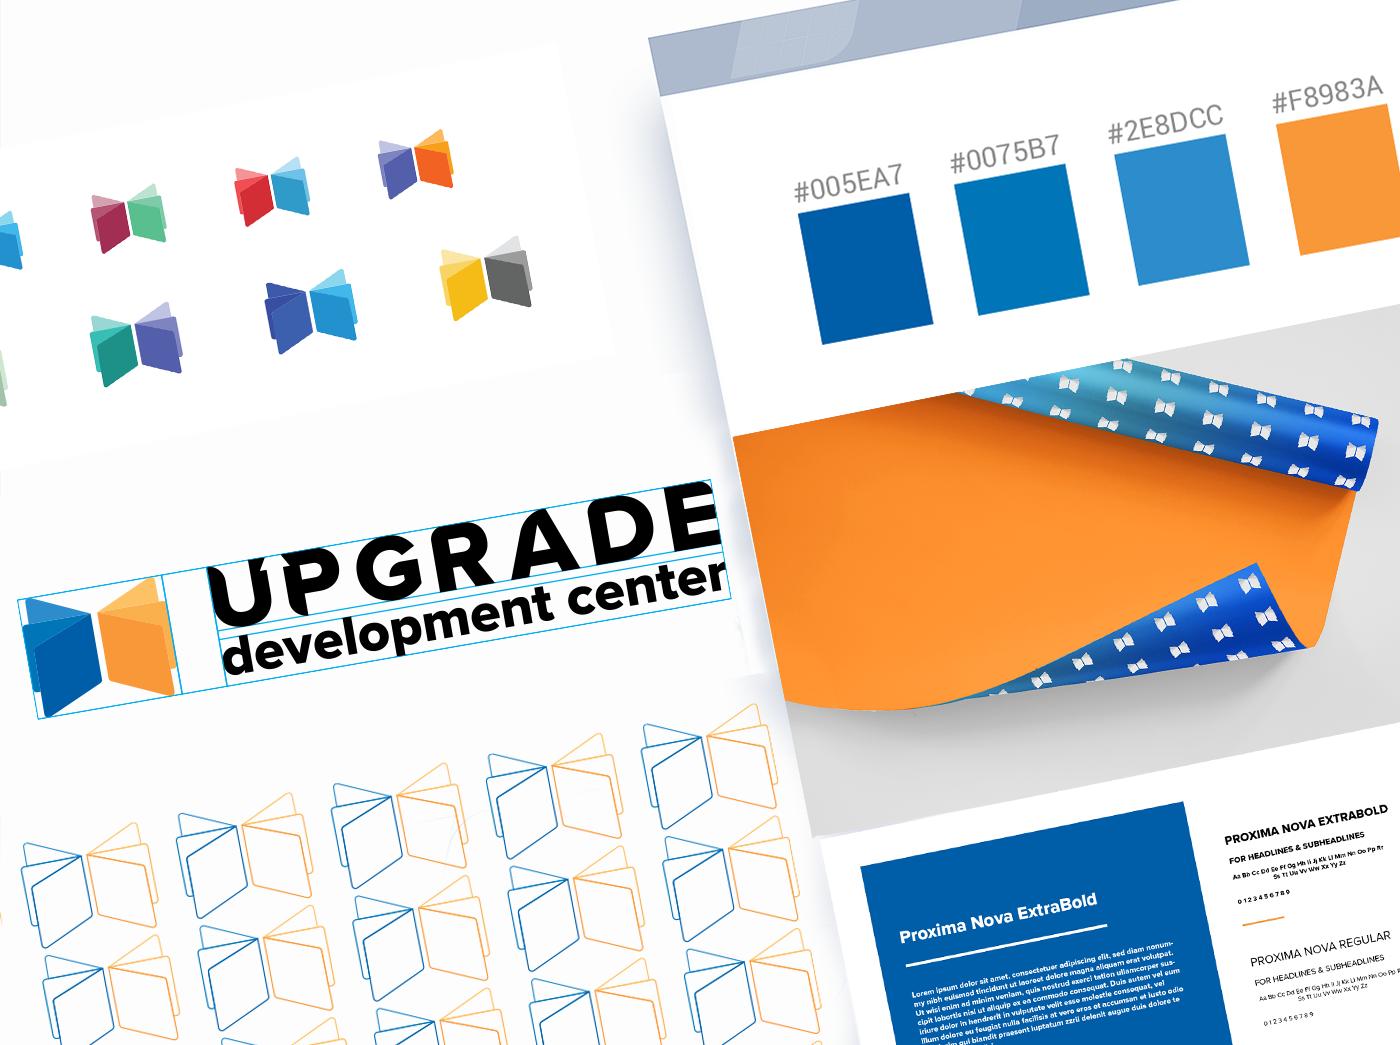 branding  baku azerbaijan Azerbaycan Education logo blue orange development book